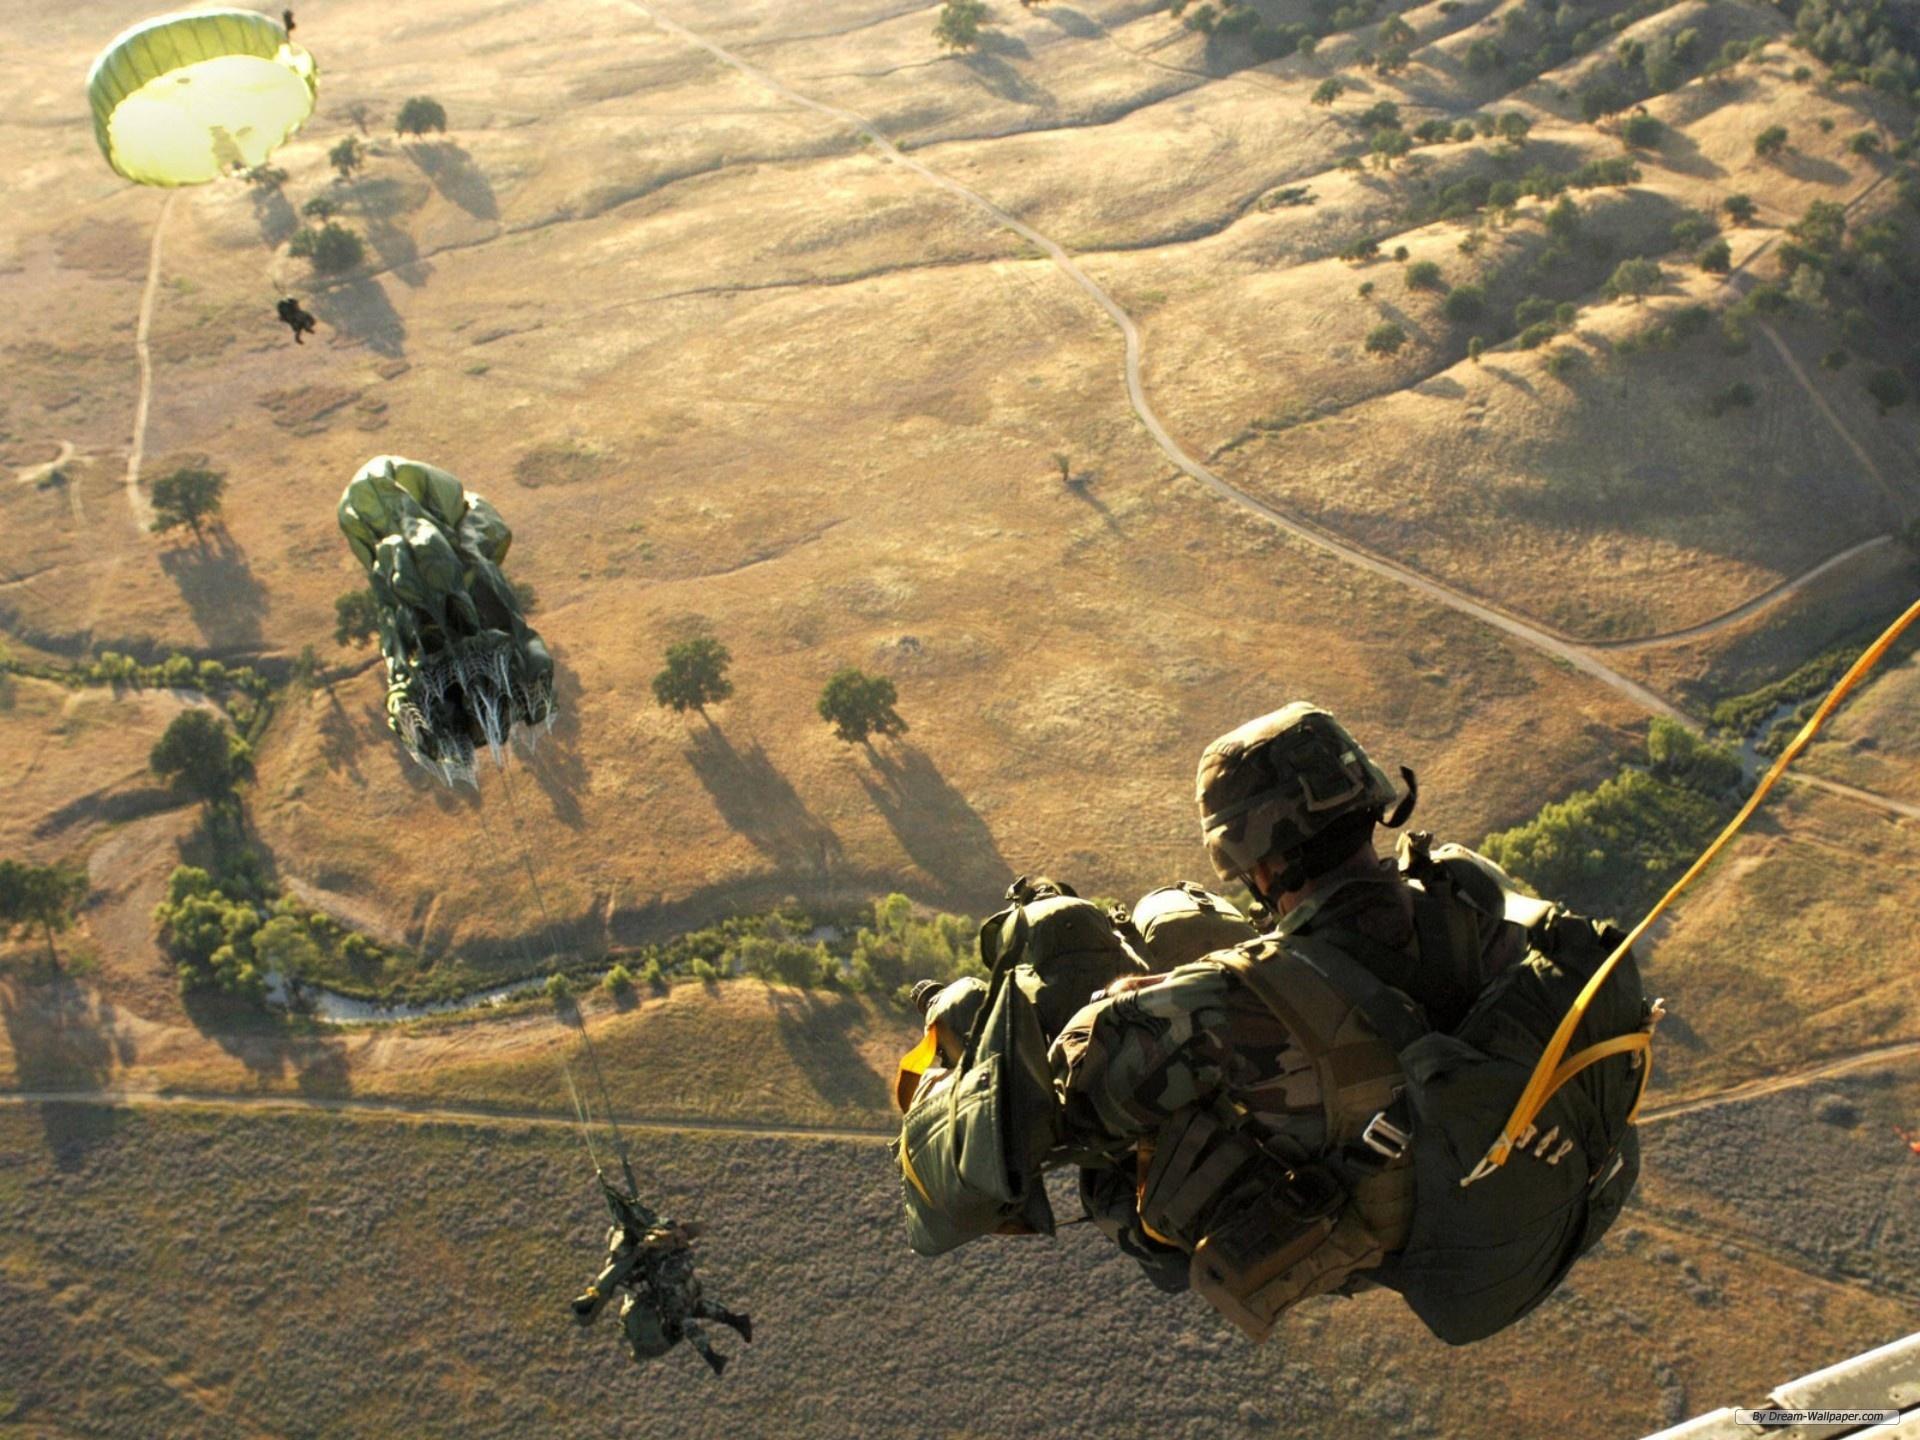 US Army Wallpaper and Screensavers - WallpaperSafari